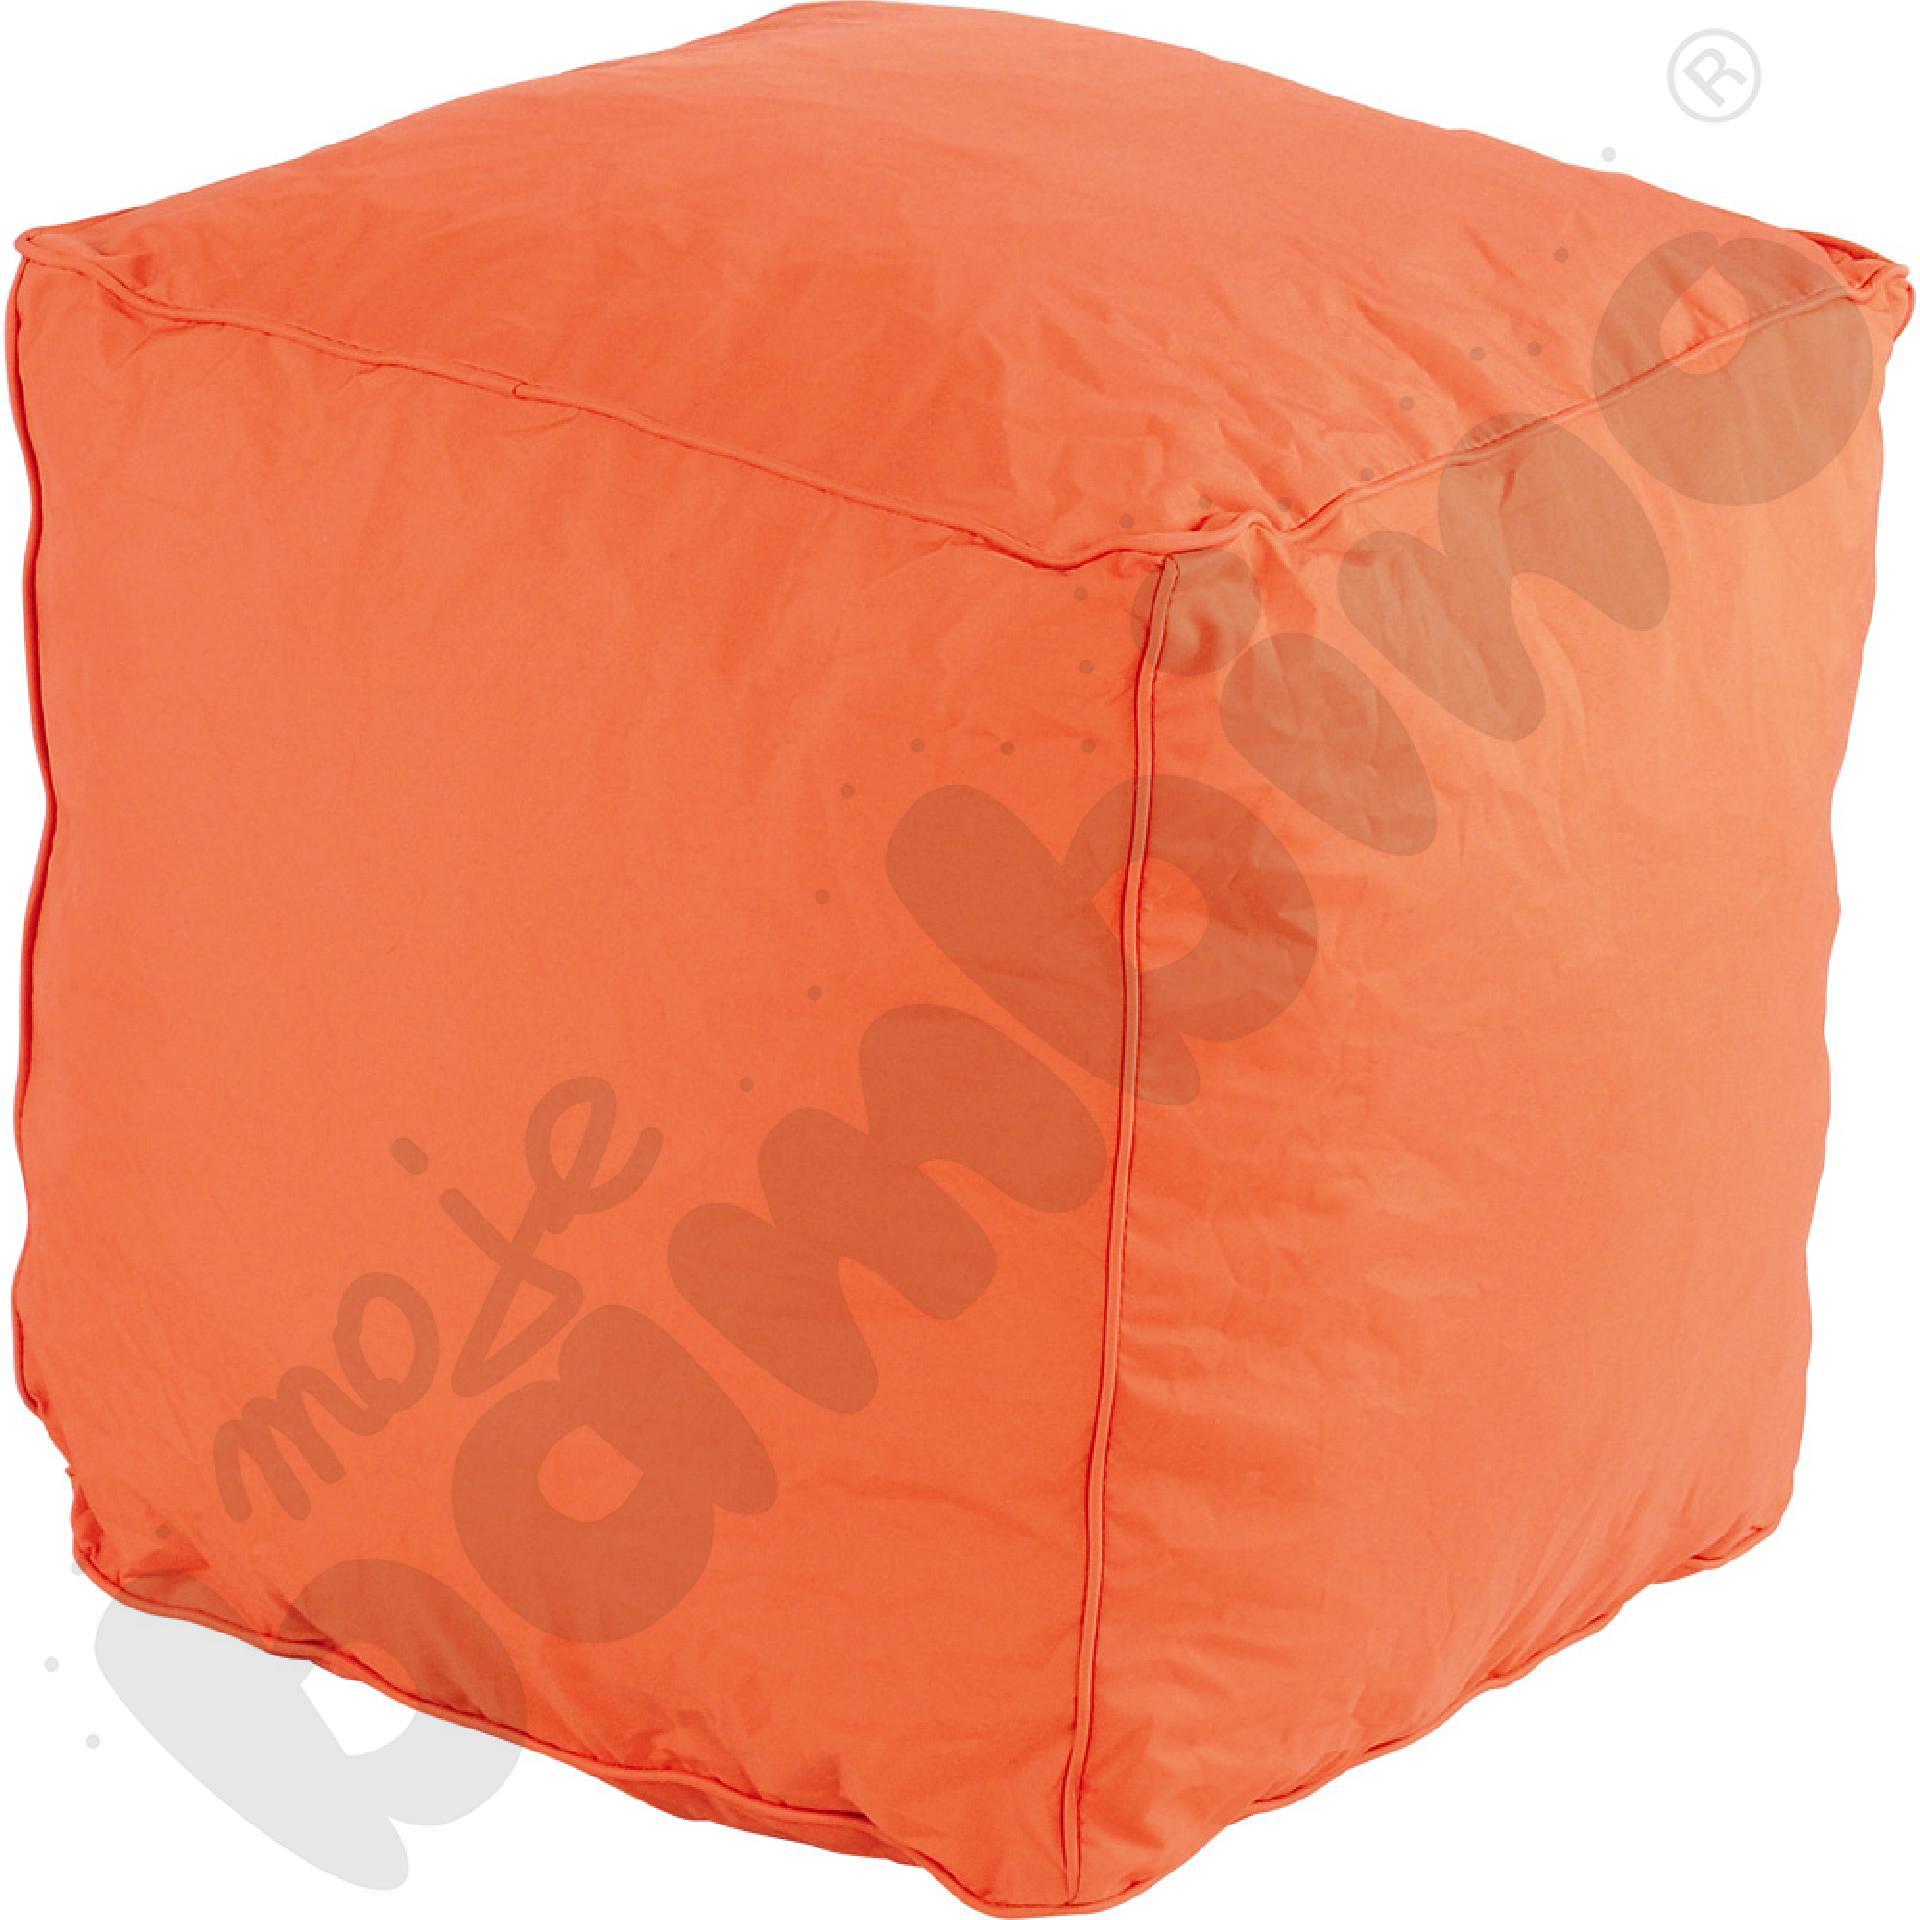 Kostka pomarańczowa